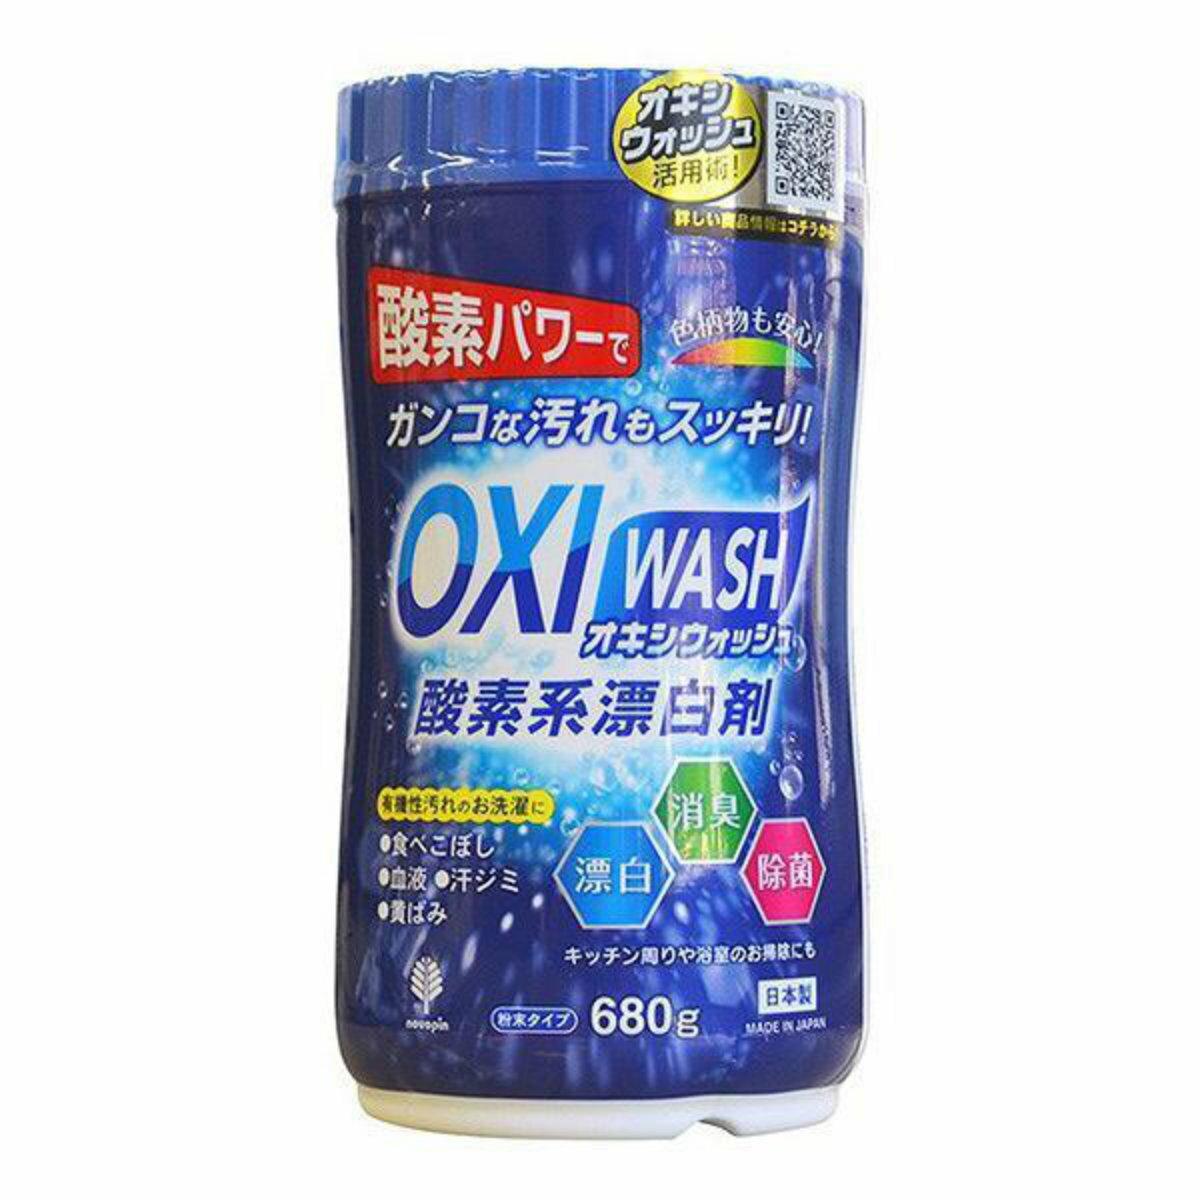 オキシウォッシュ 酸素系漂白剤 680g ボトル入 ( 酸素系 漂白剤 オキシ漬け オキシづけ カビ 漂白 除菌 消臭 掃除 掃除用品 清掃用品 お試し用 )